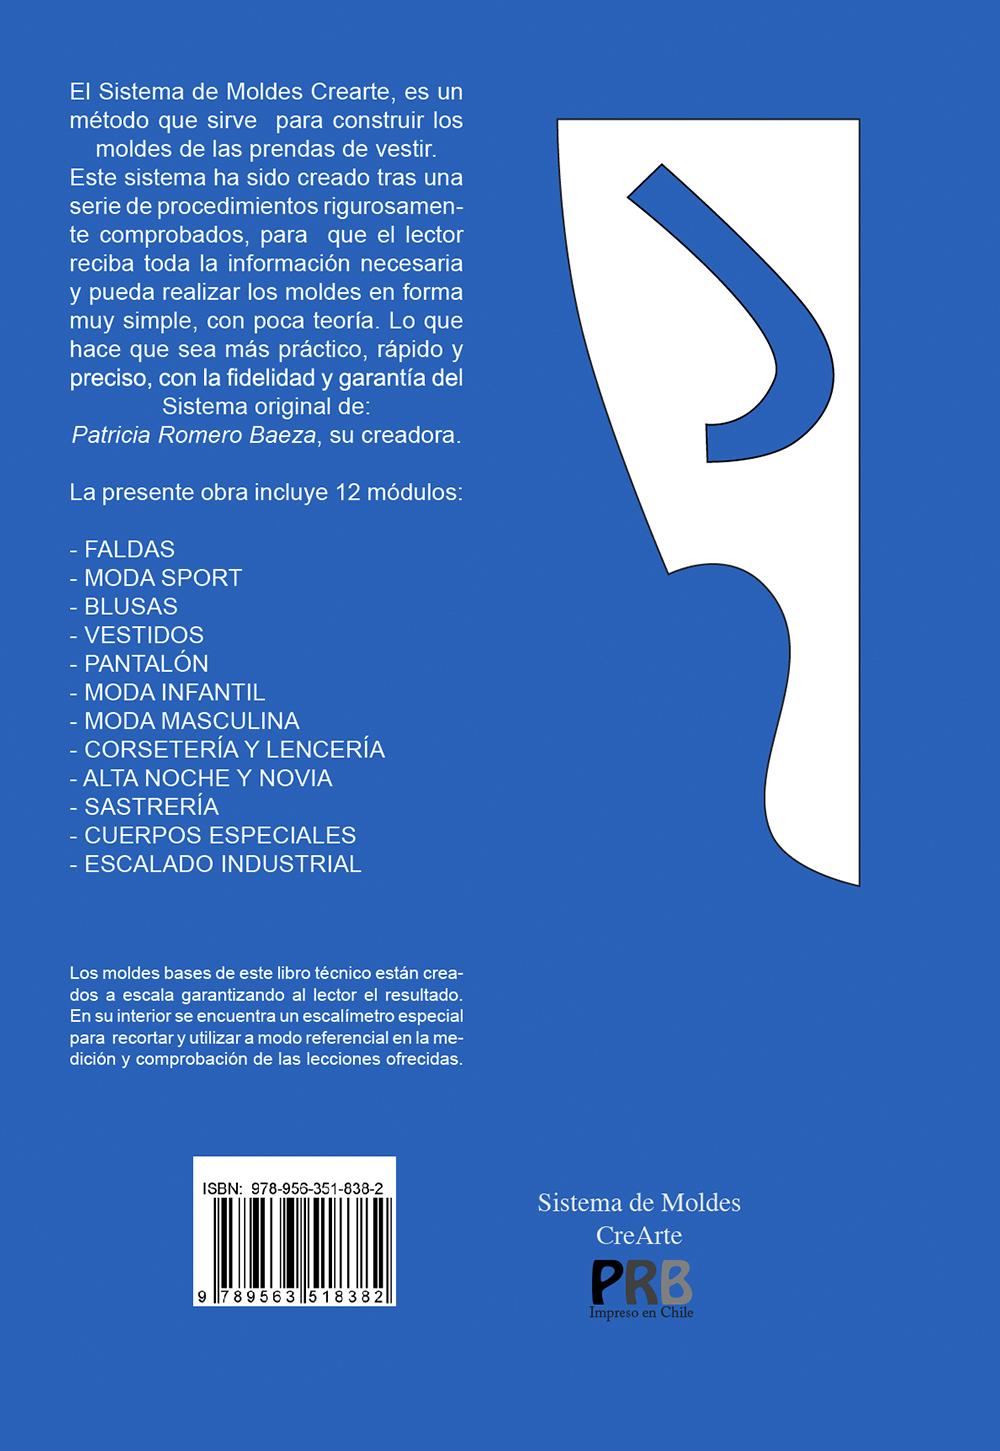 LIBRO: Sistema de Moldes Crearte IMPRESO